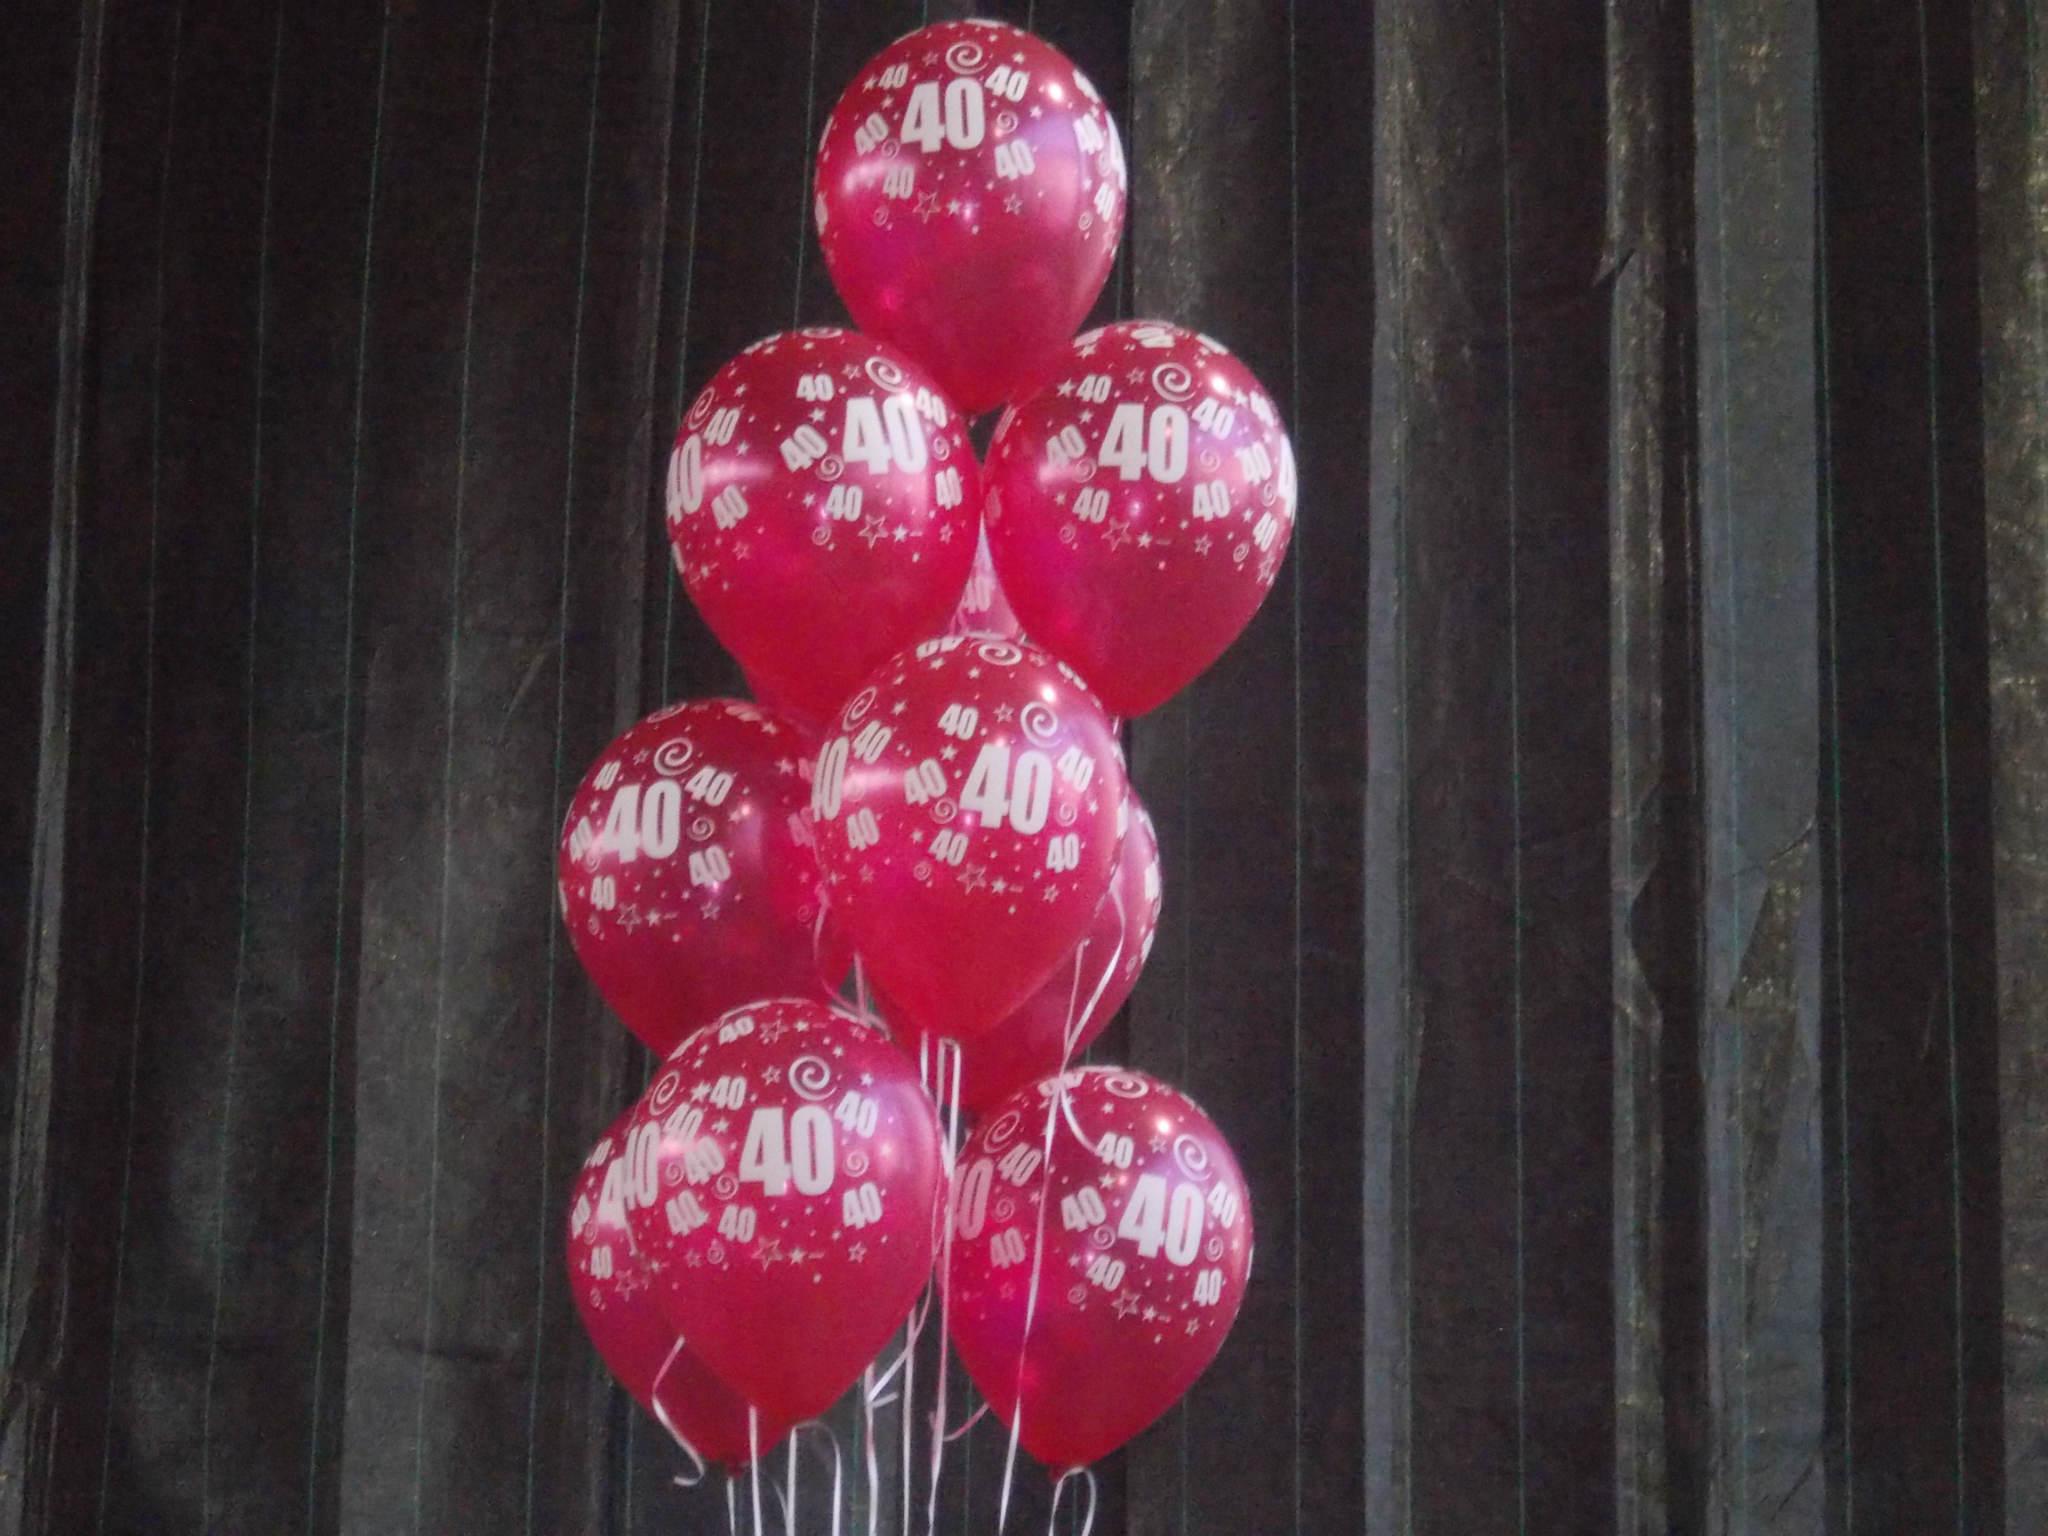 40 balonov za 40 let… ( s slovesnosti v Miklavžu pri Ormožu):